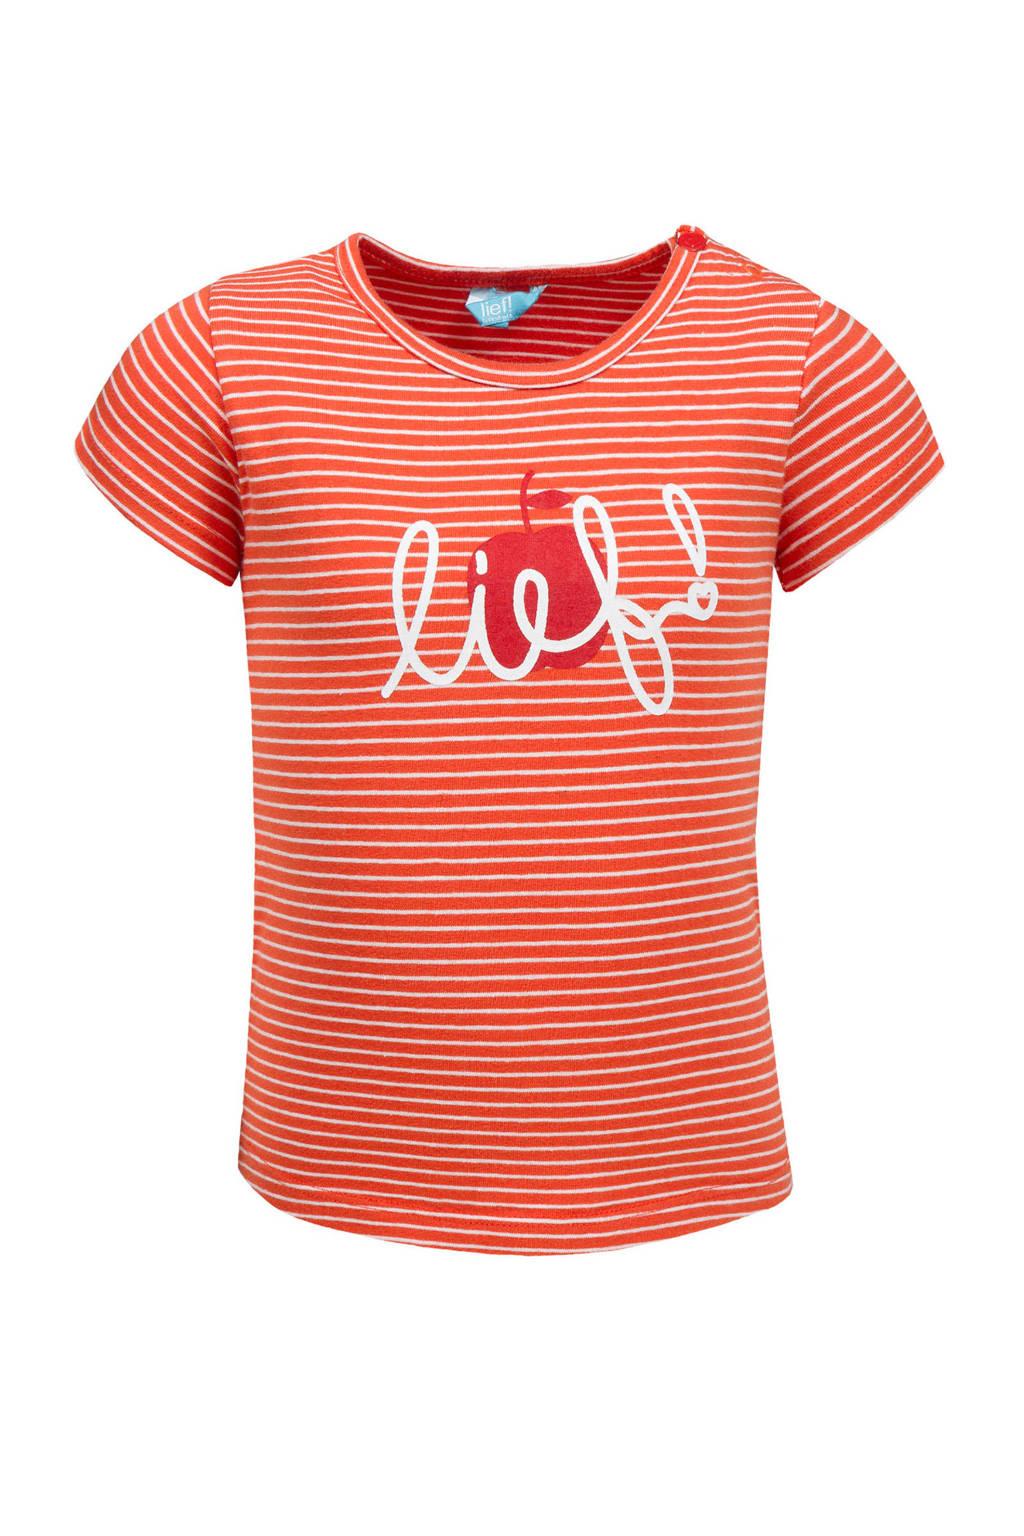 lief! gestreept T-shirt met tekst oranje, Oranje/wit